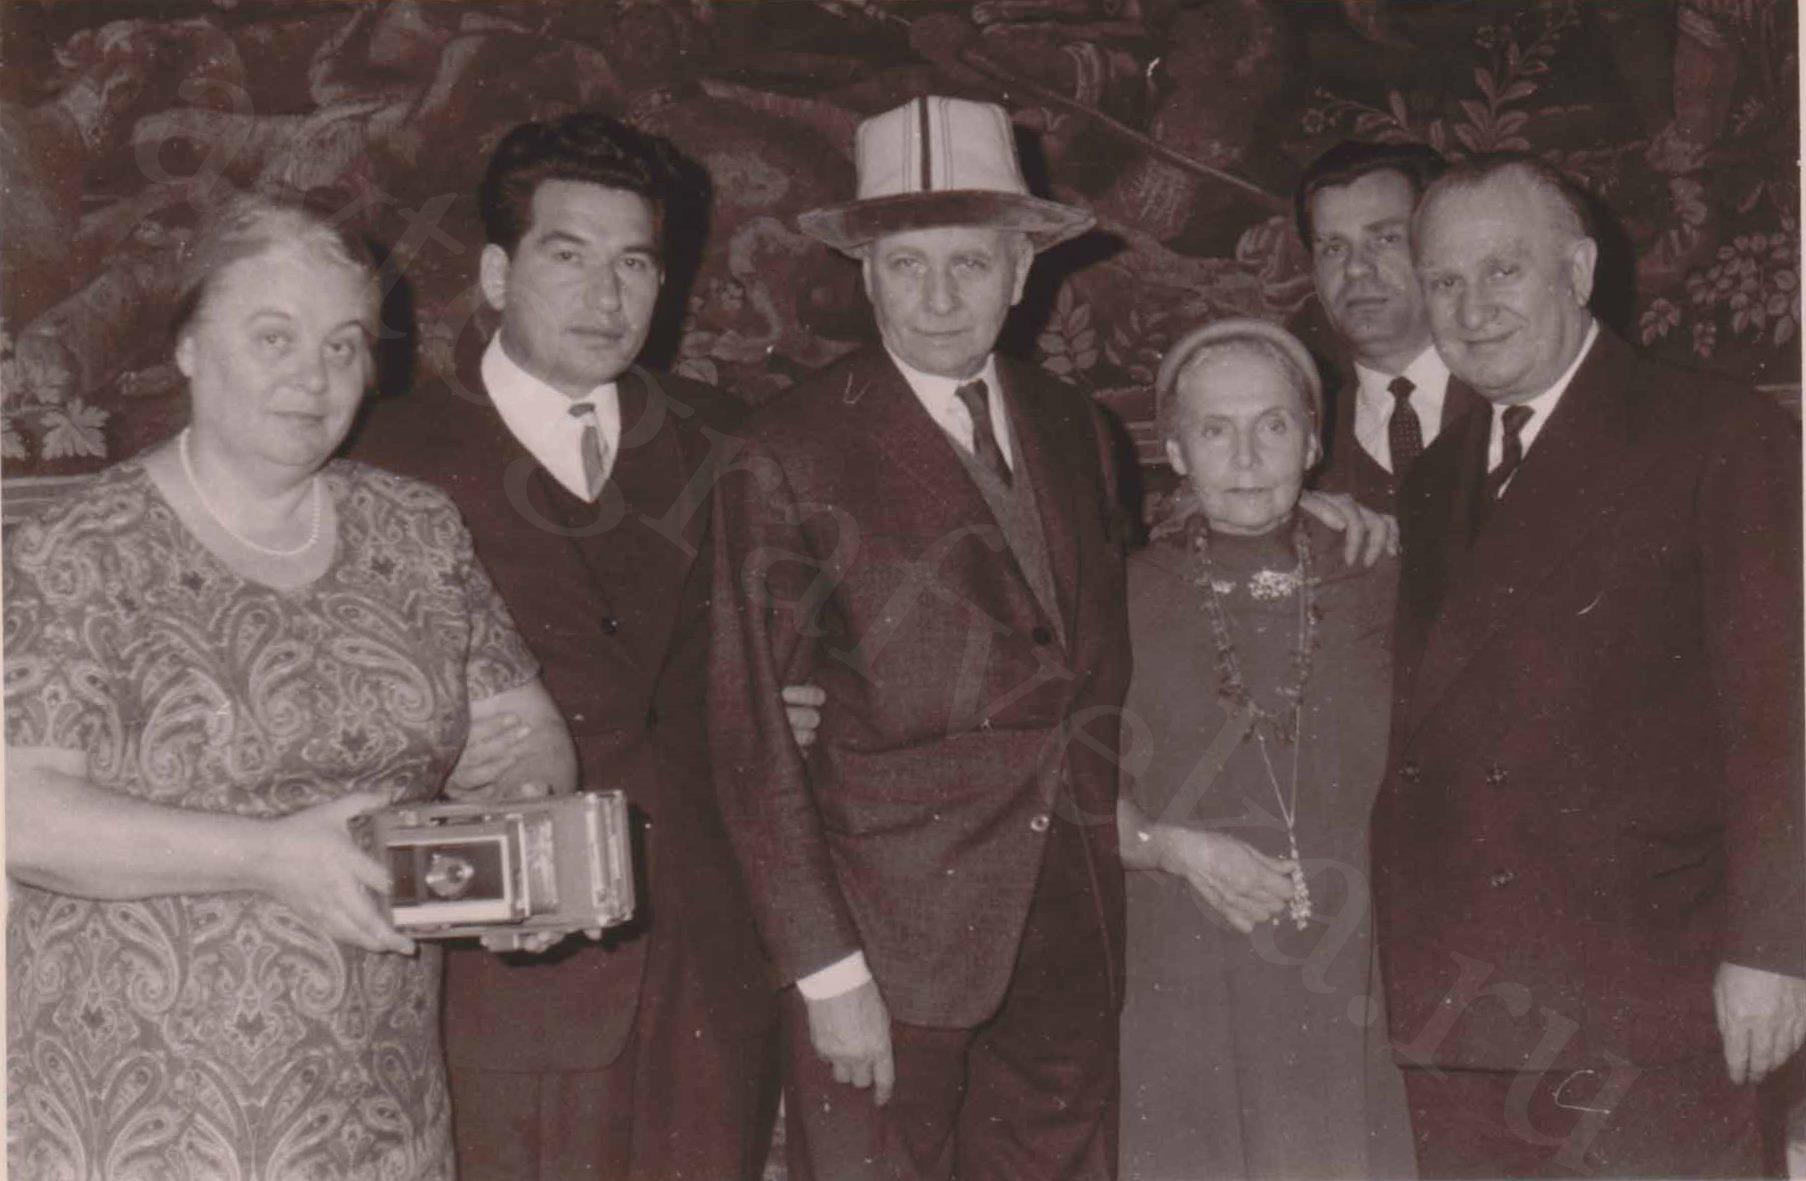 Арагон и Эльза Триоле с Чингизом Айтматовым и послом СССР во Франции Сергеем Виноградовым. Париж. Начало 1960-х годов.